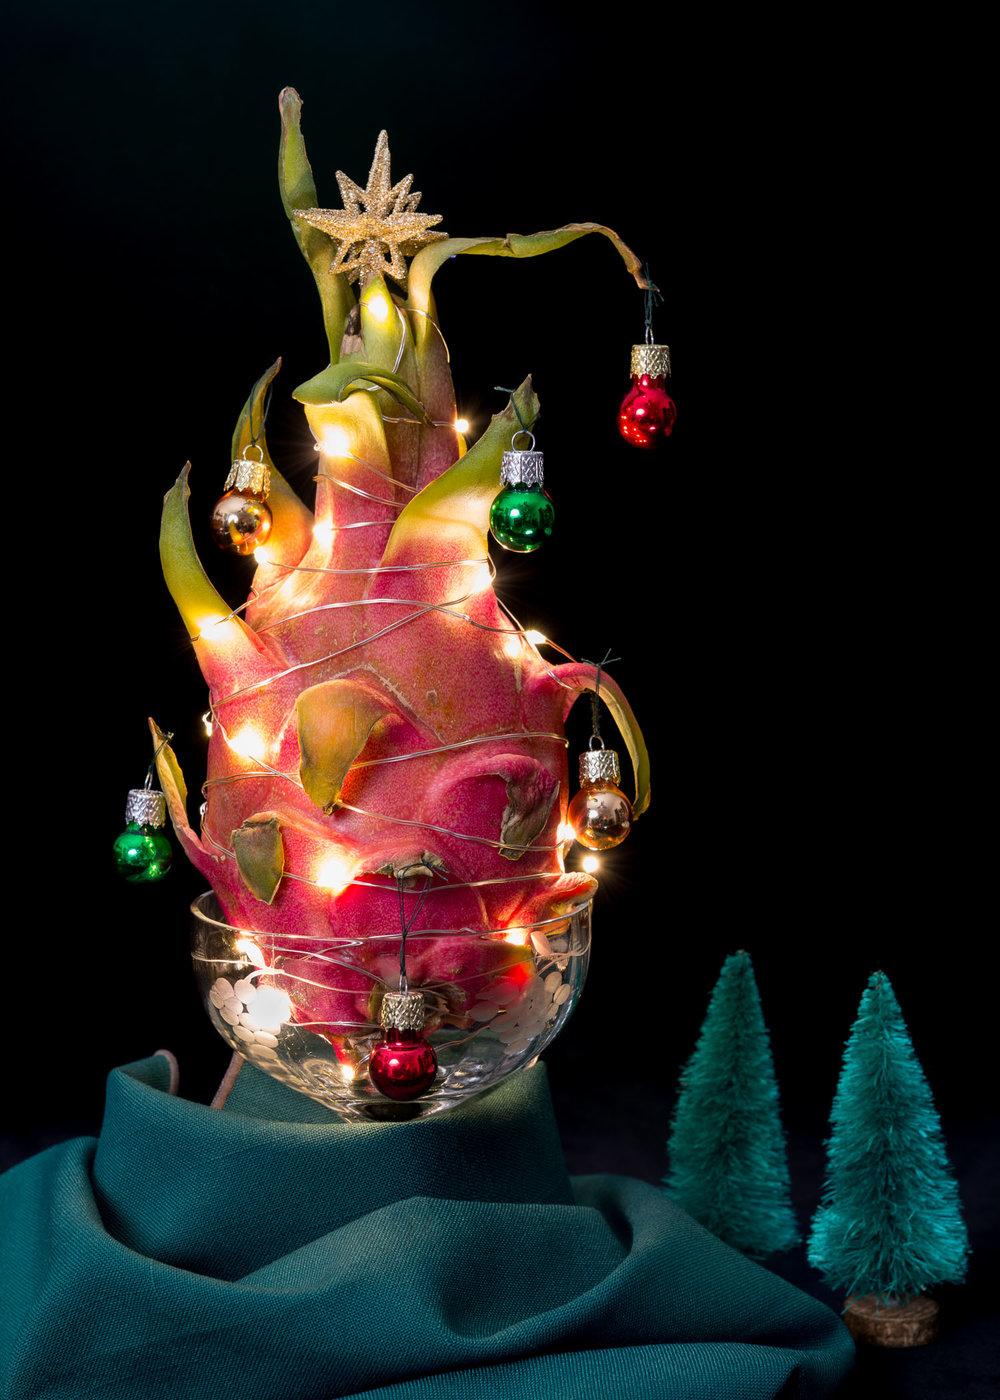 dragon_fruit_christmas-9072.jpg